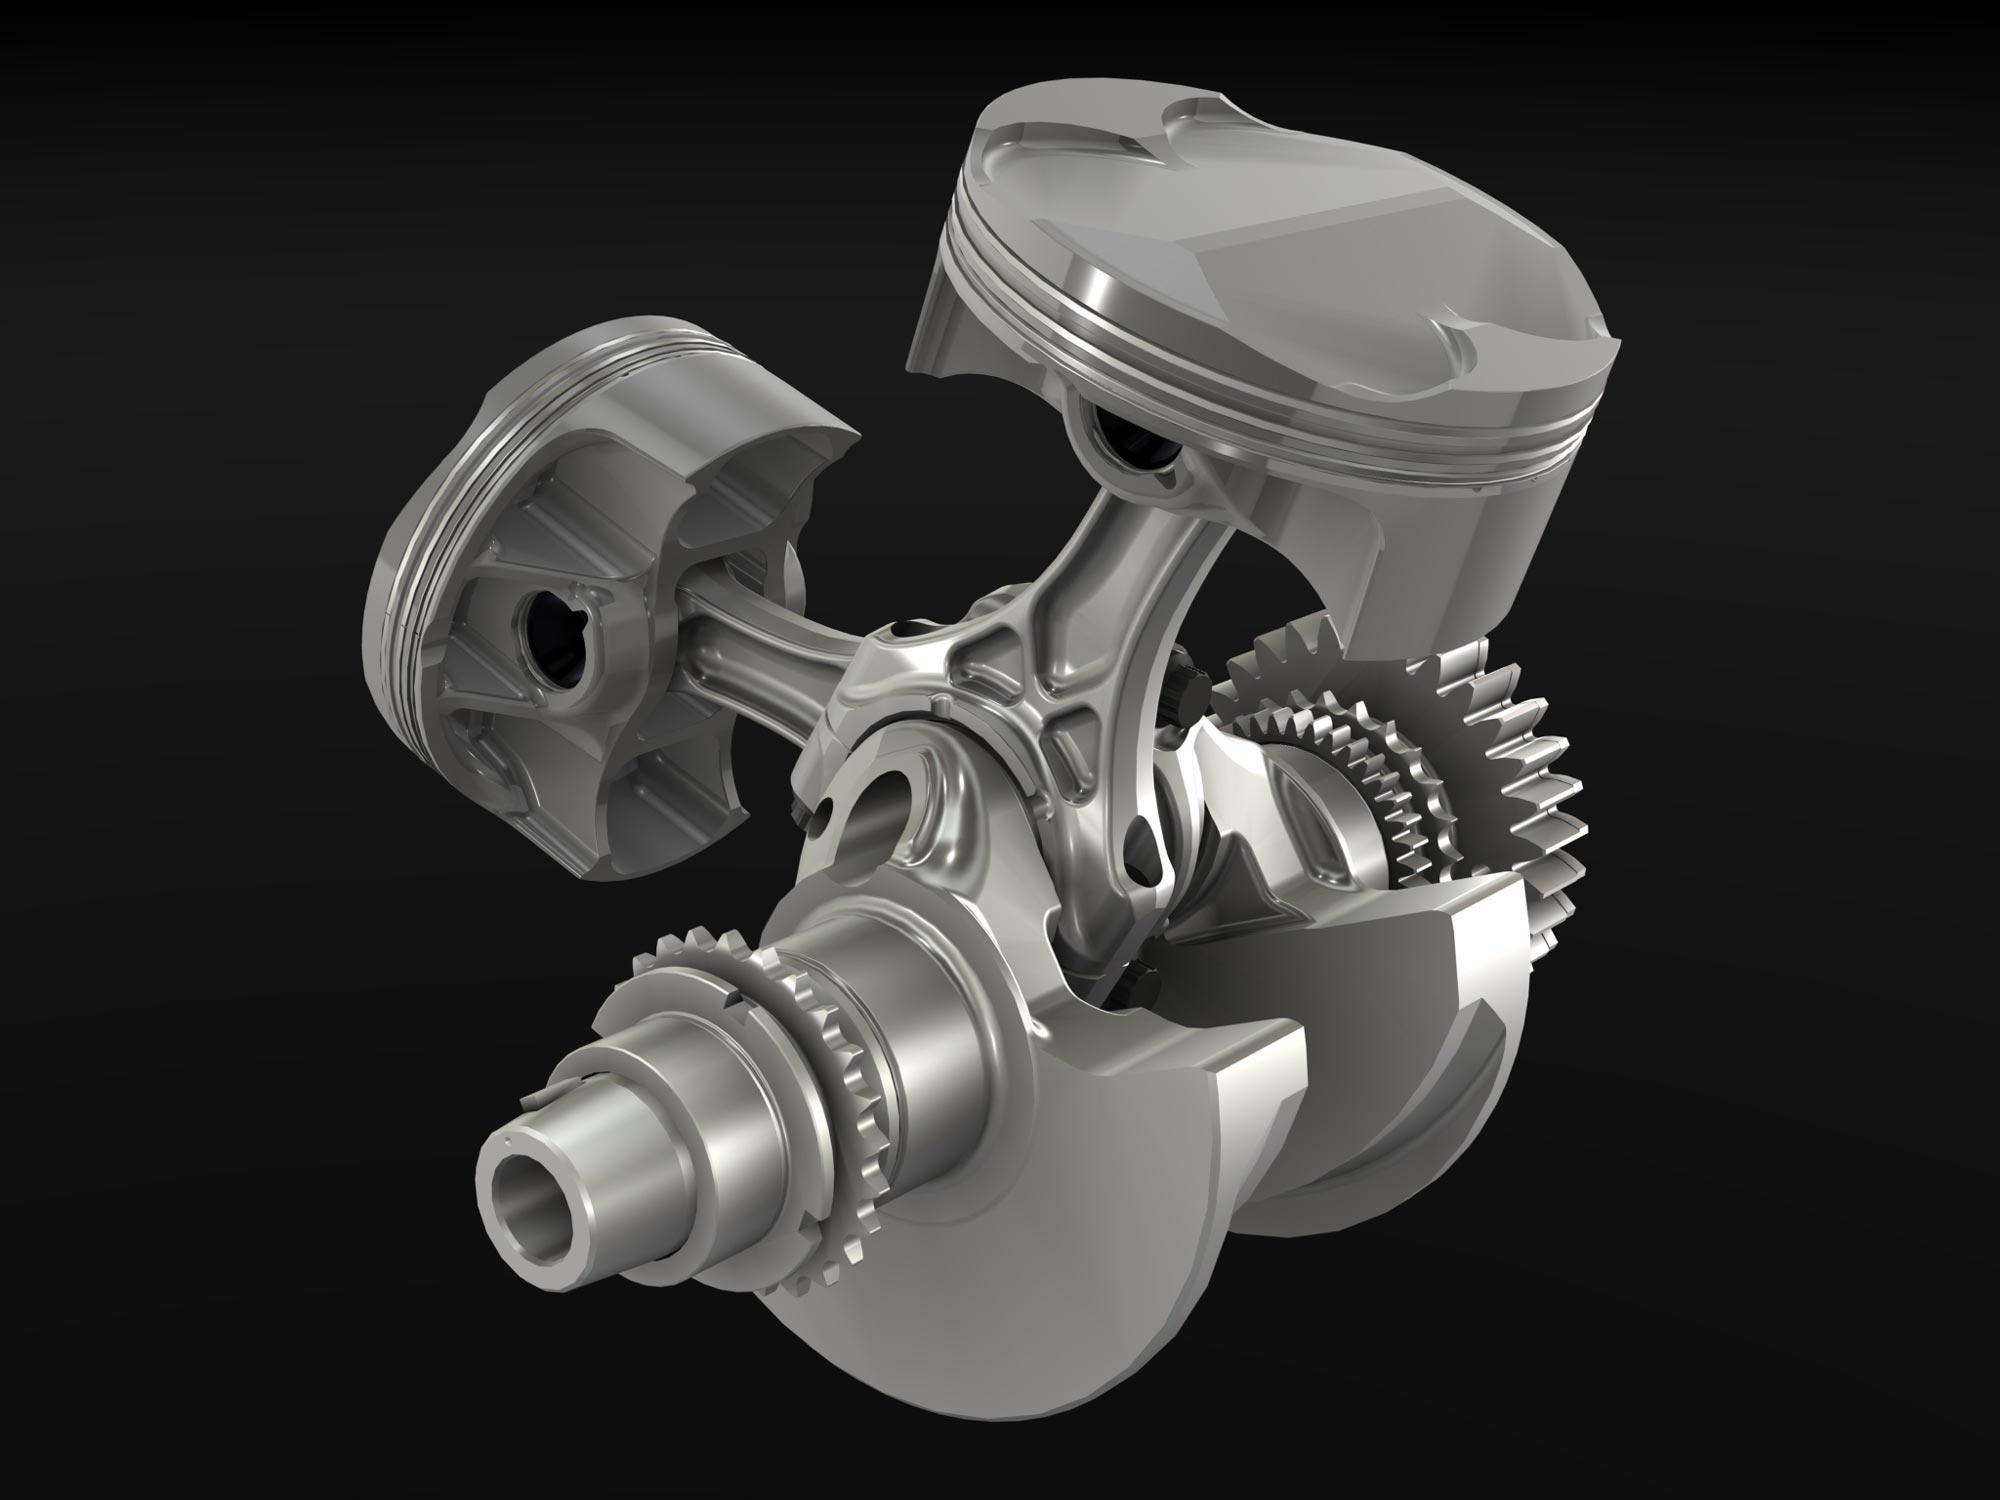 Ducati Superquadro Engine - Asphalt & Rubber